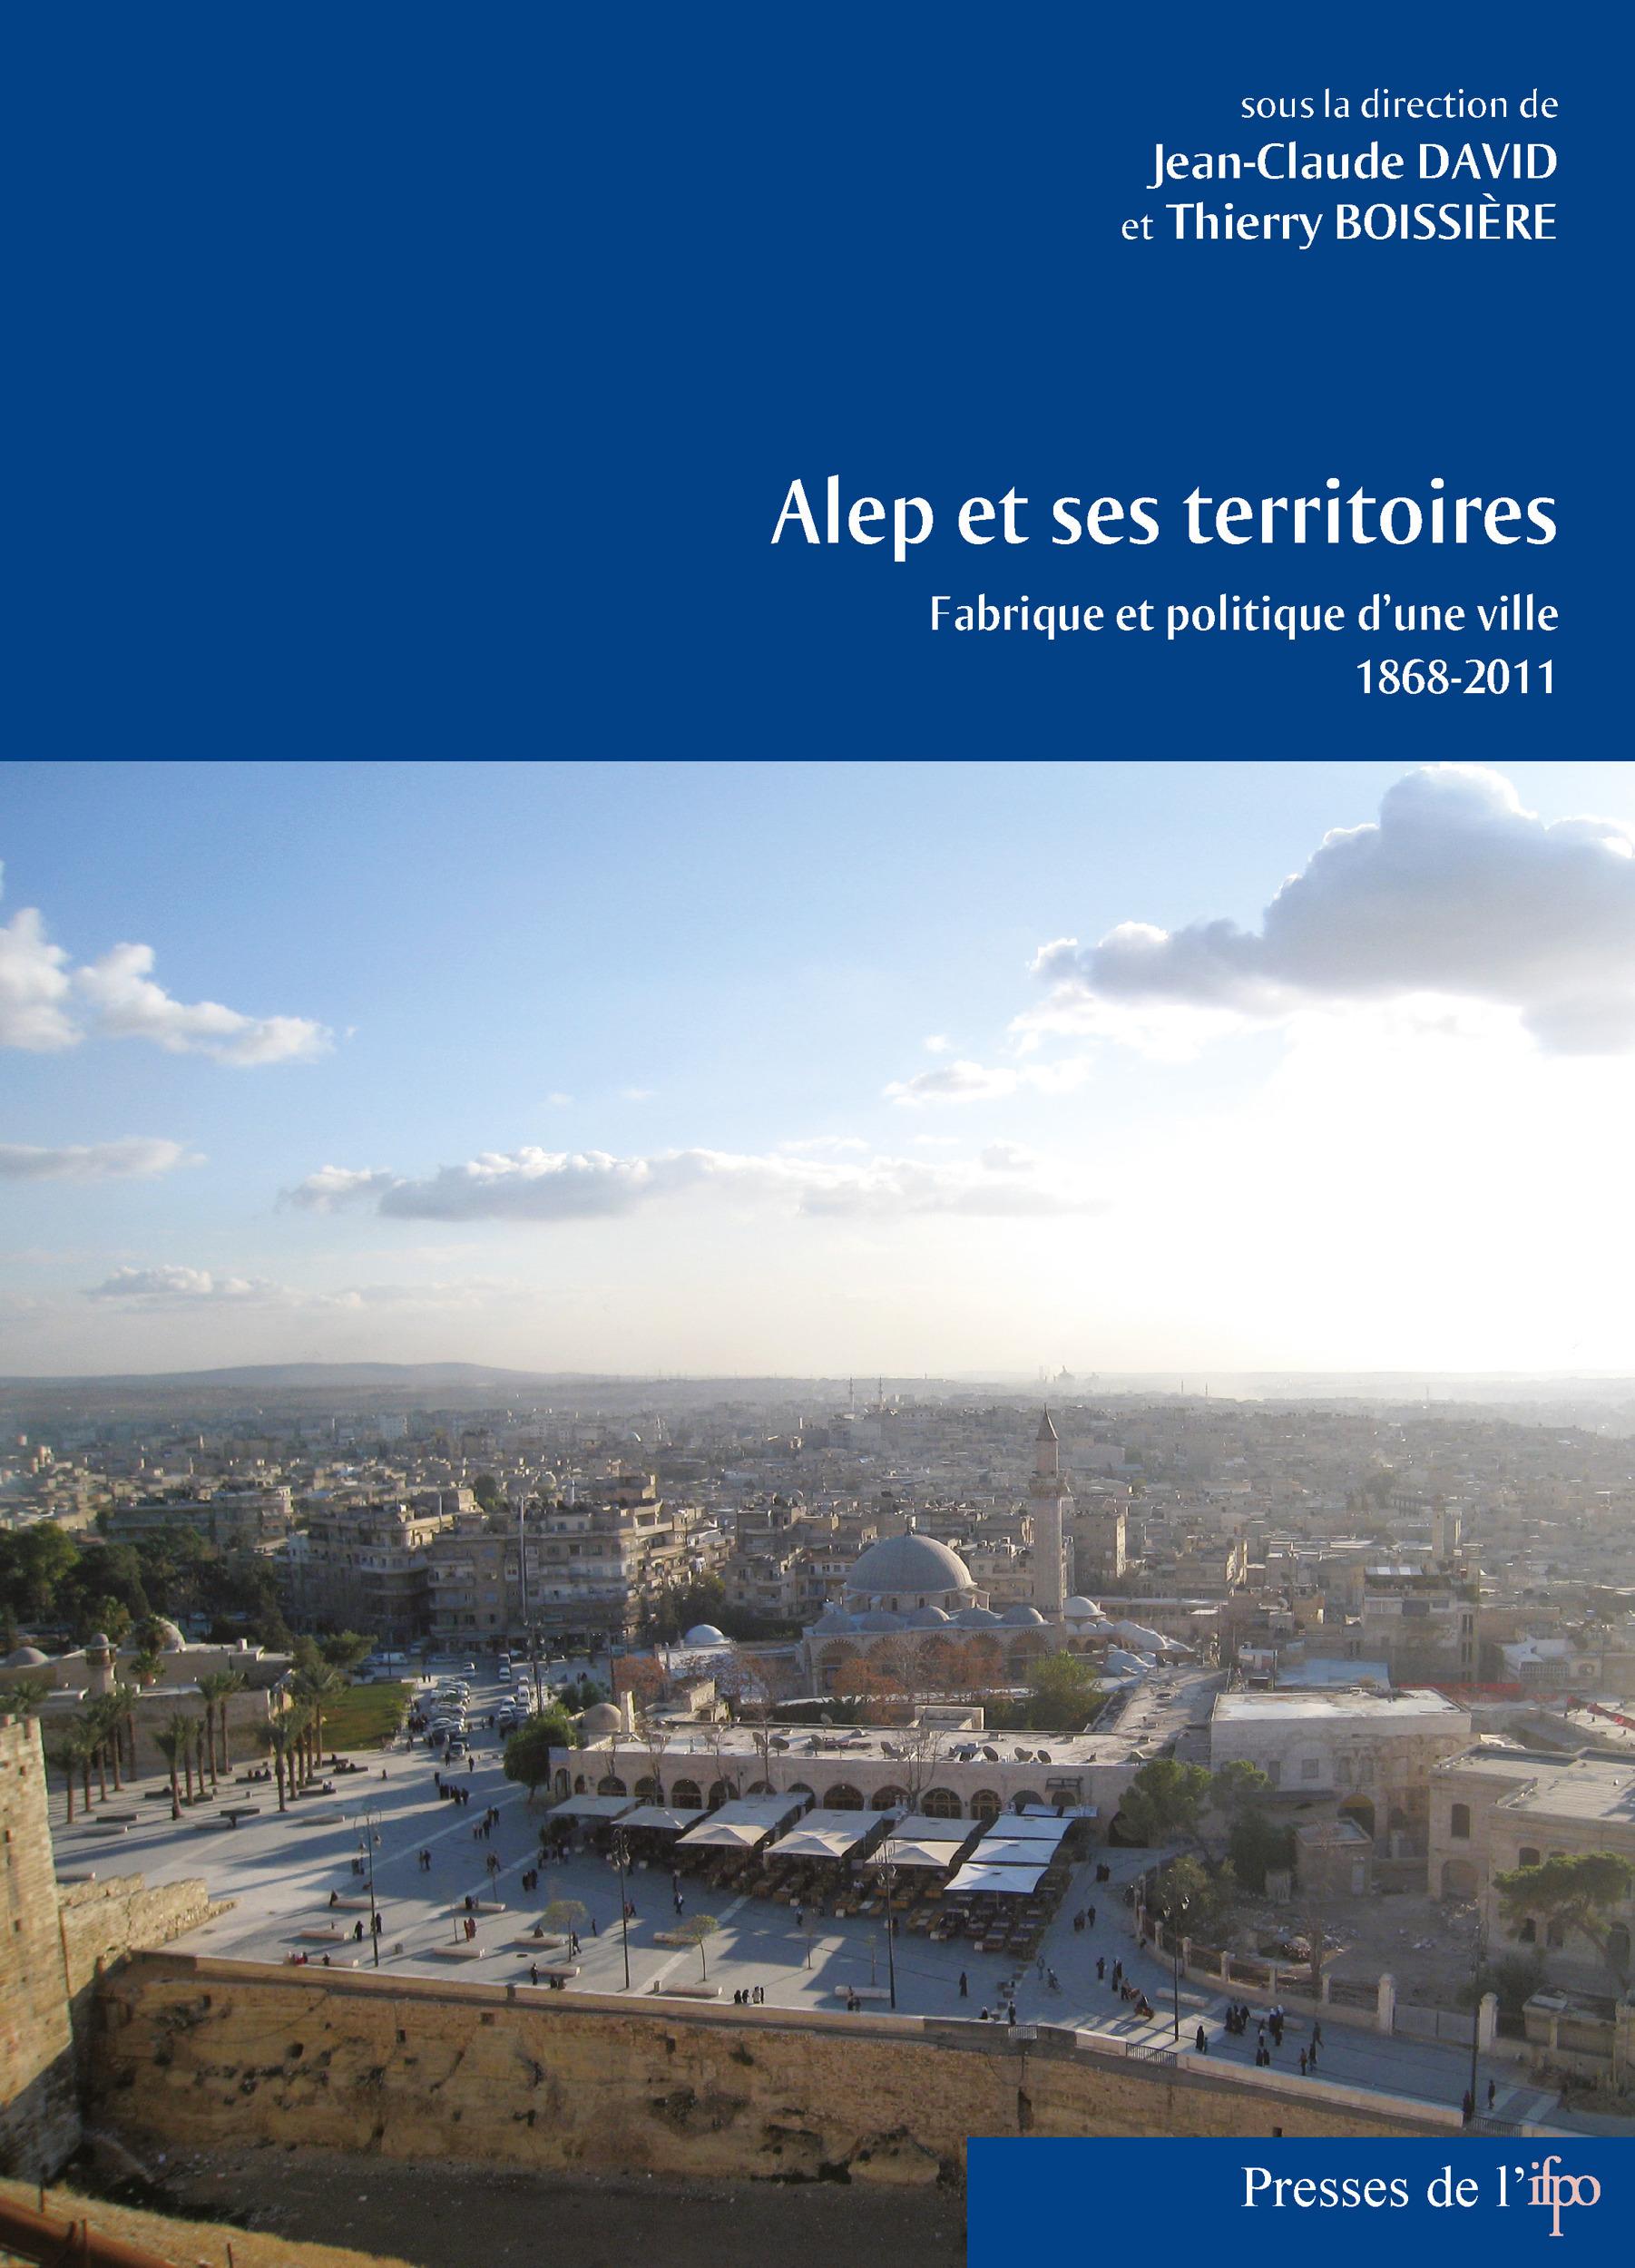 Alep et ses territoires. fabrique et politique d'une ville 1868-2011